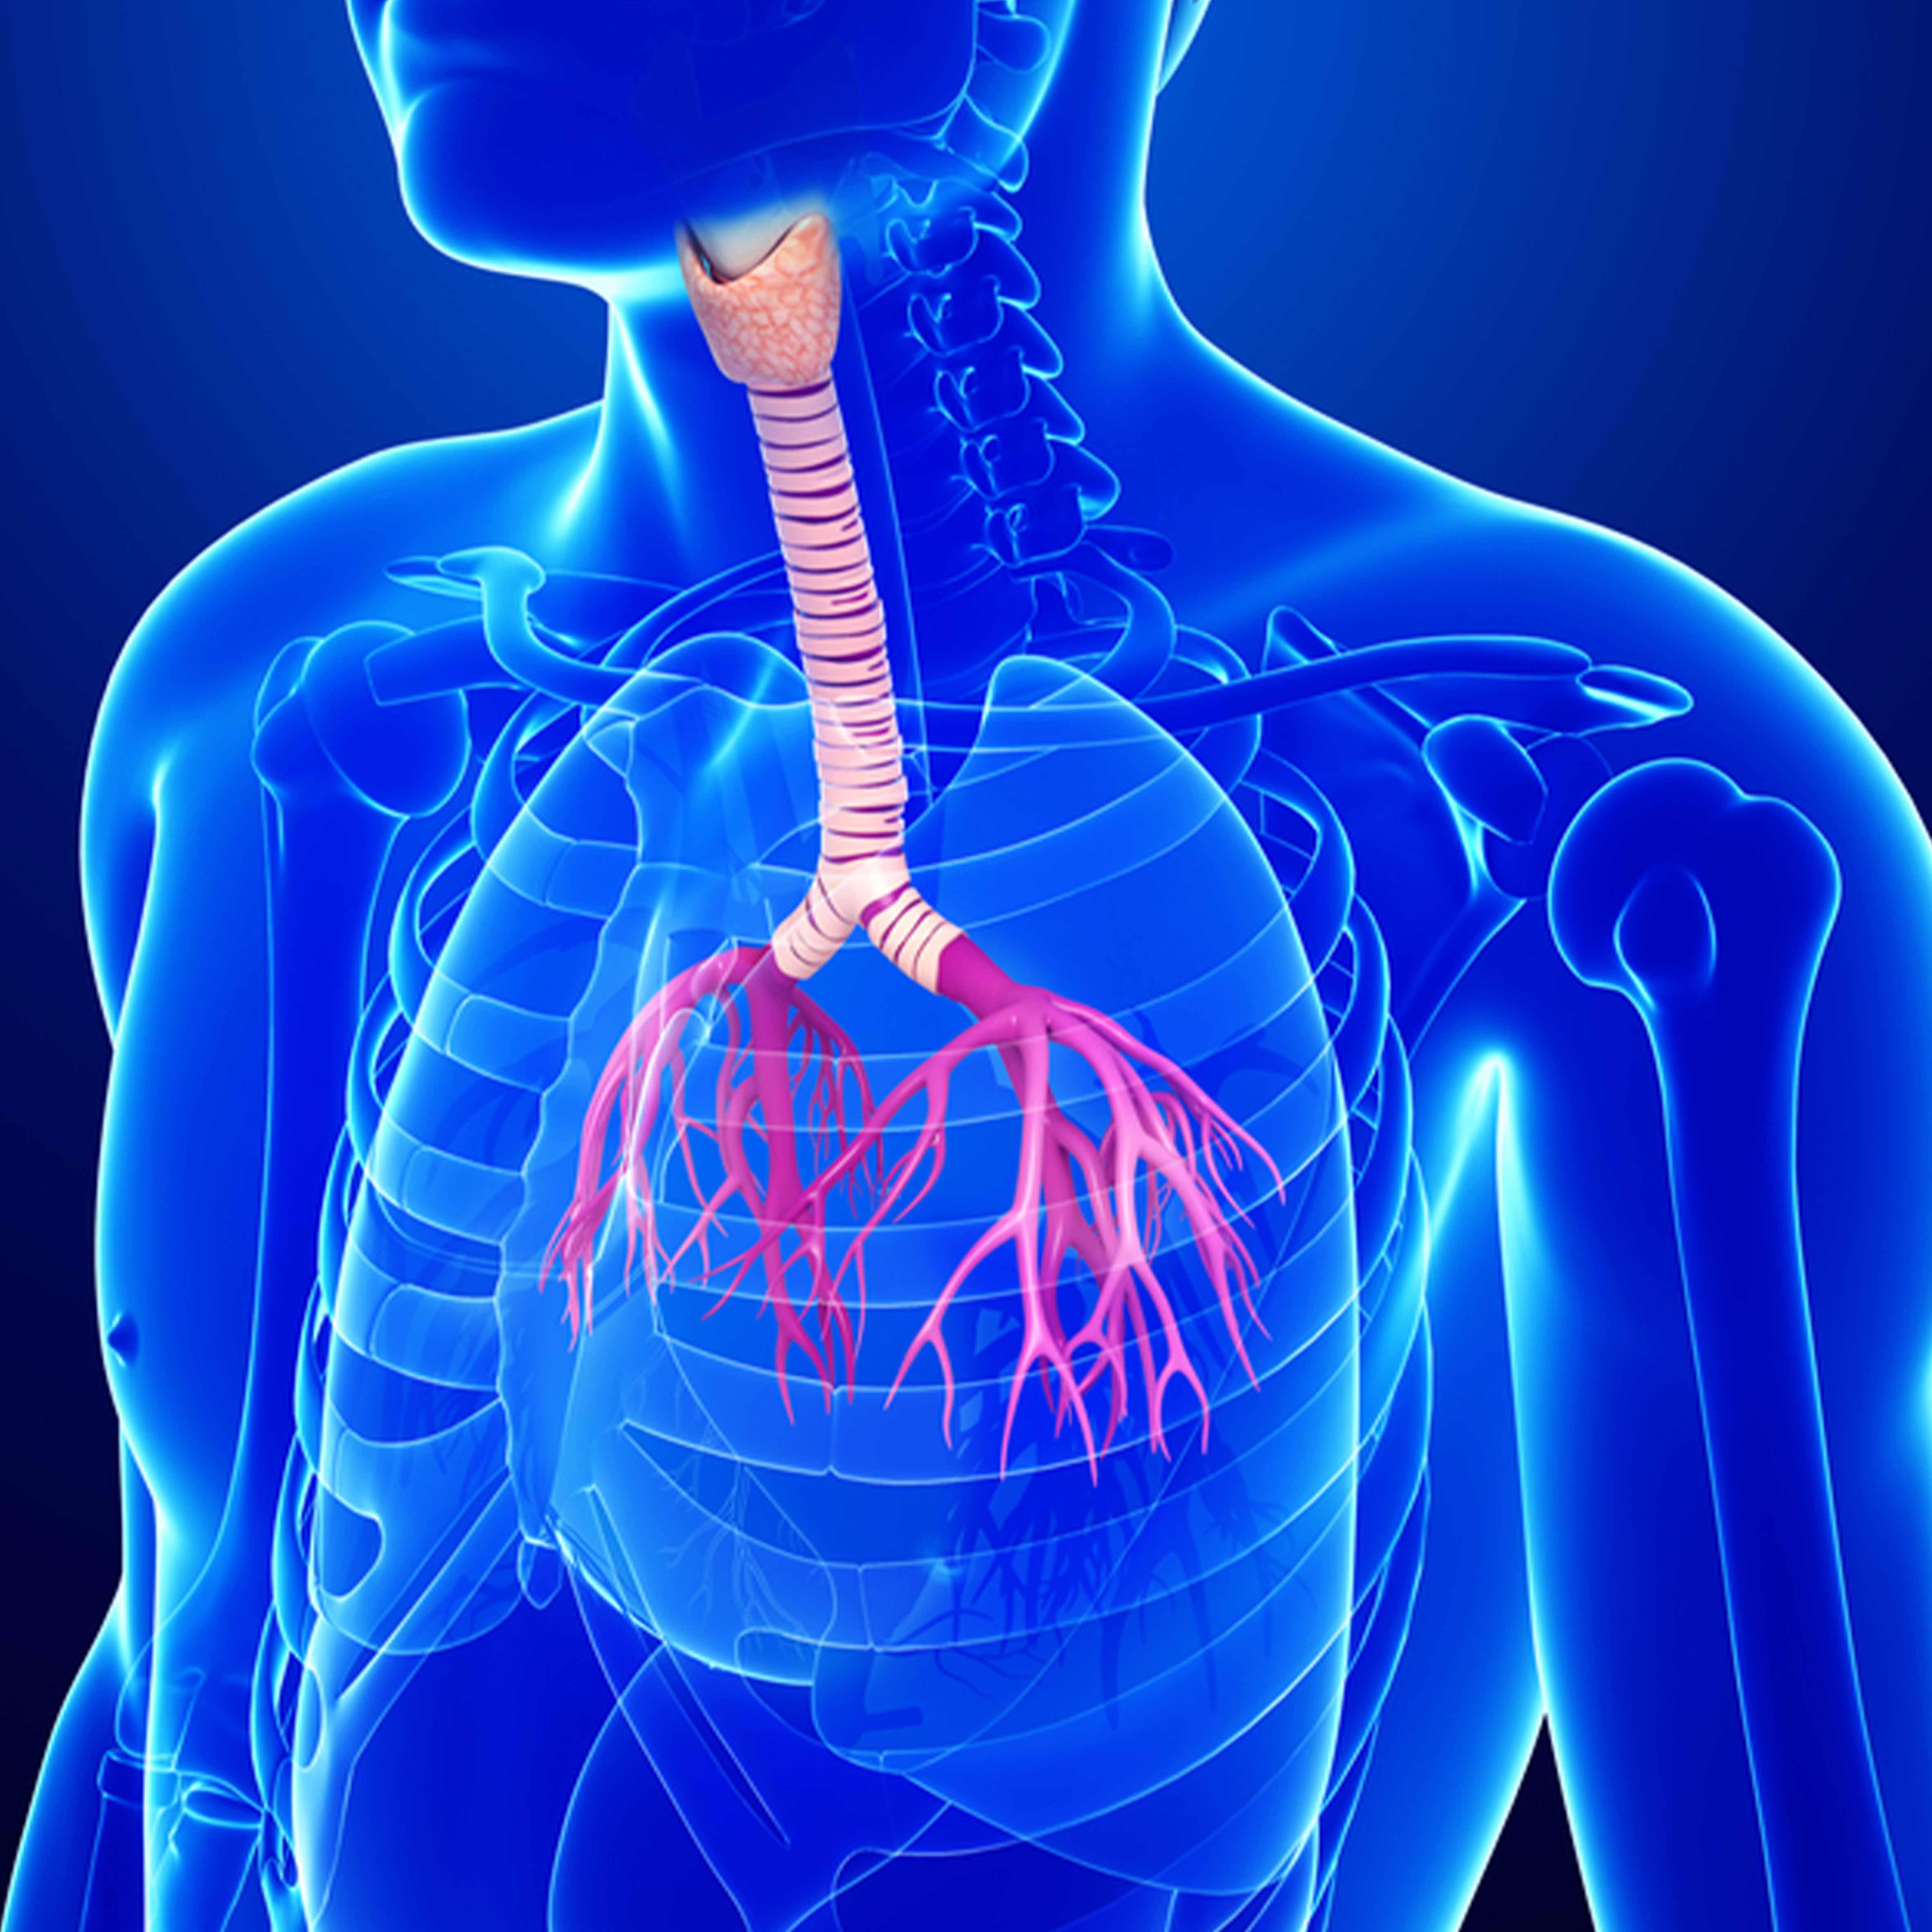 Malattie da raffreddamento: le principali patologie